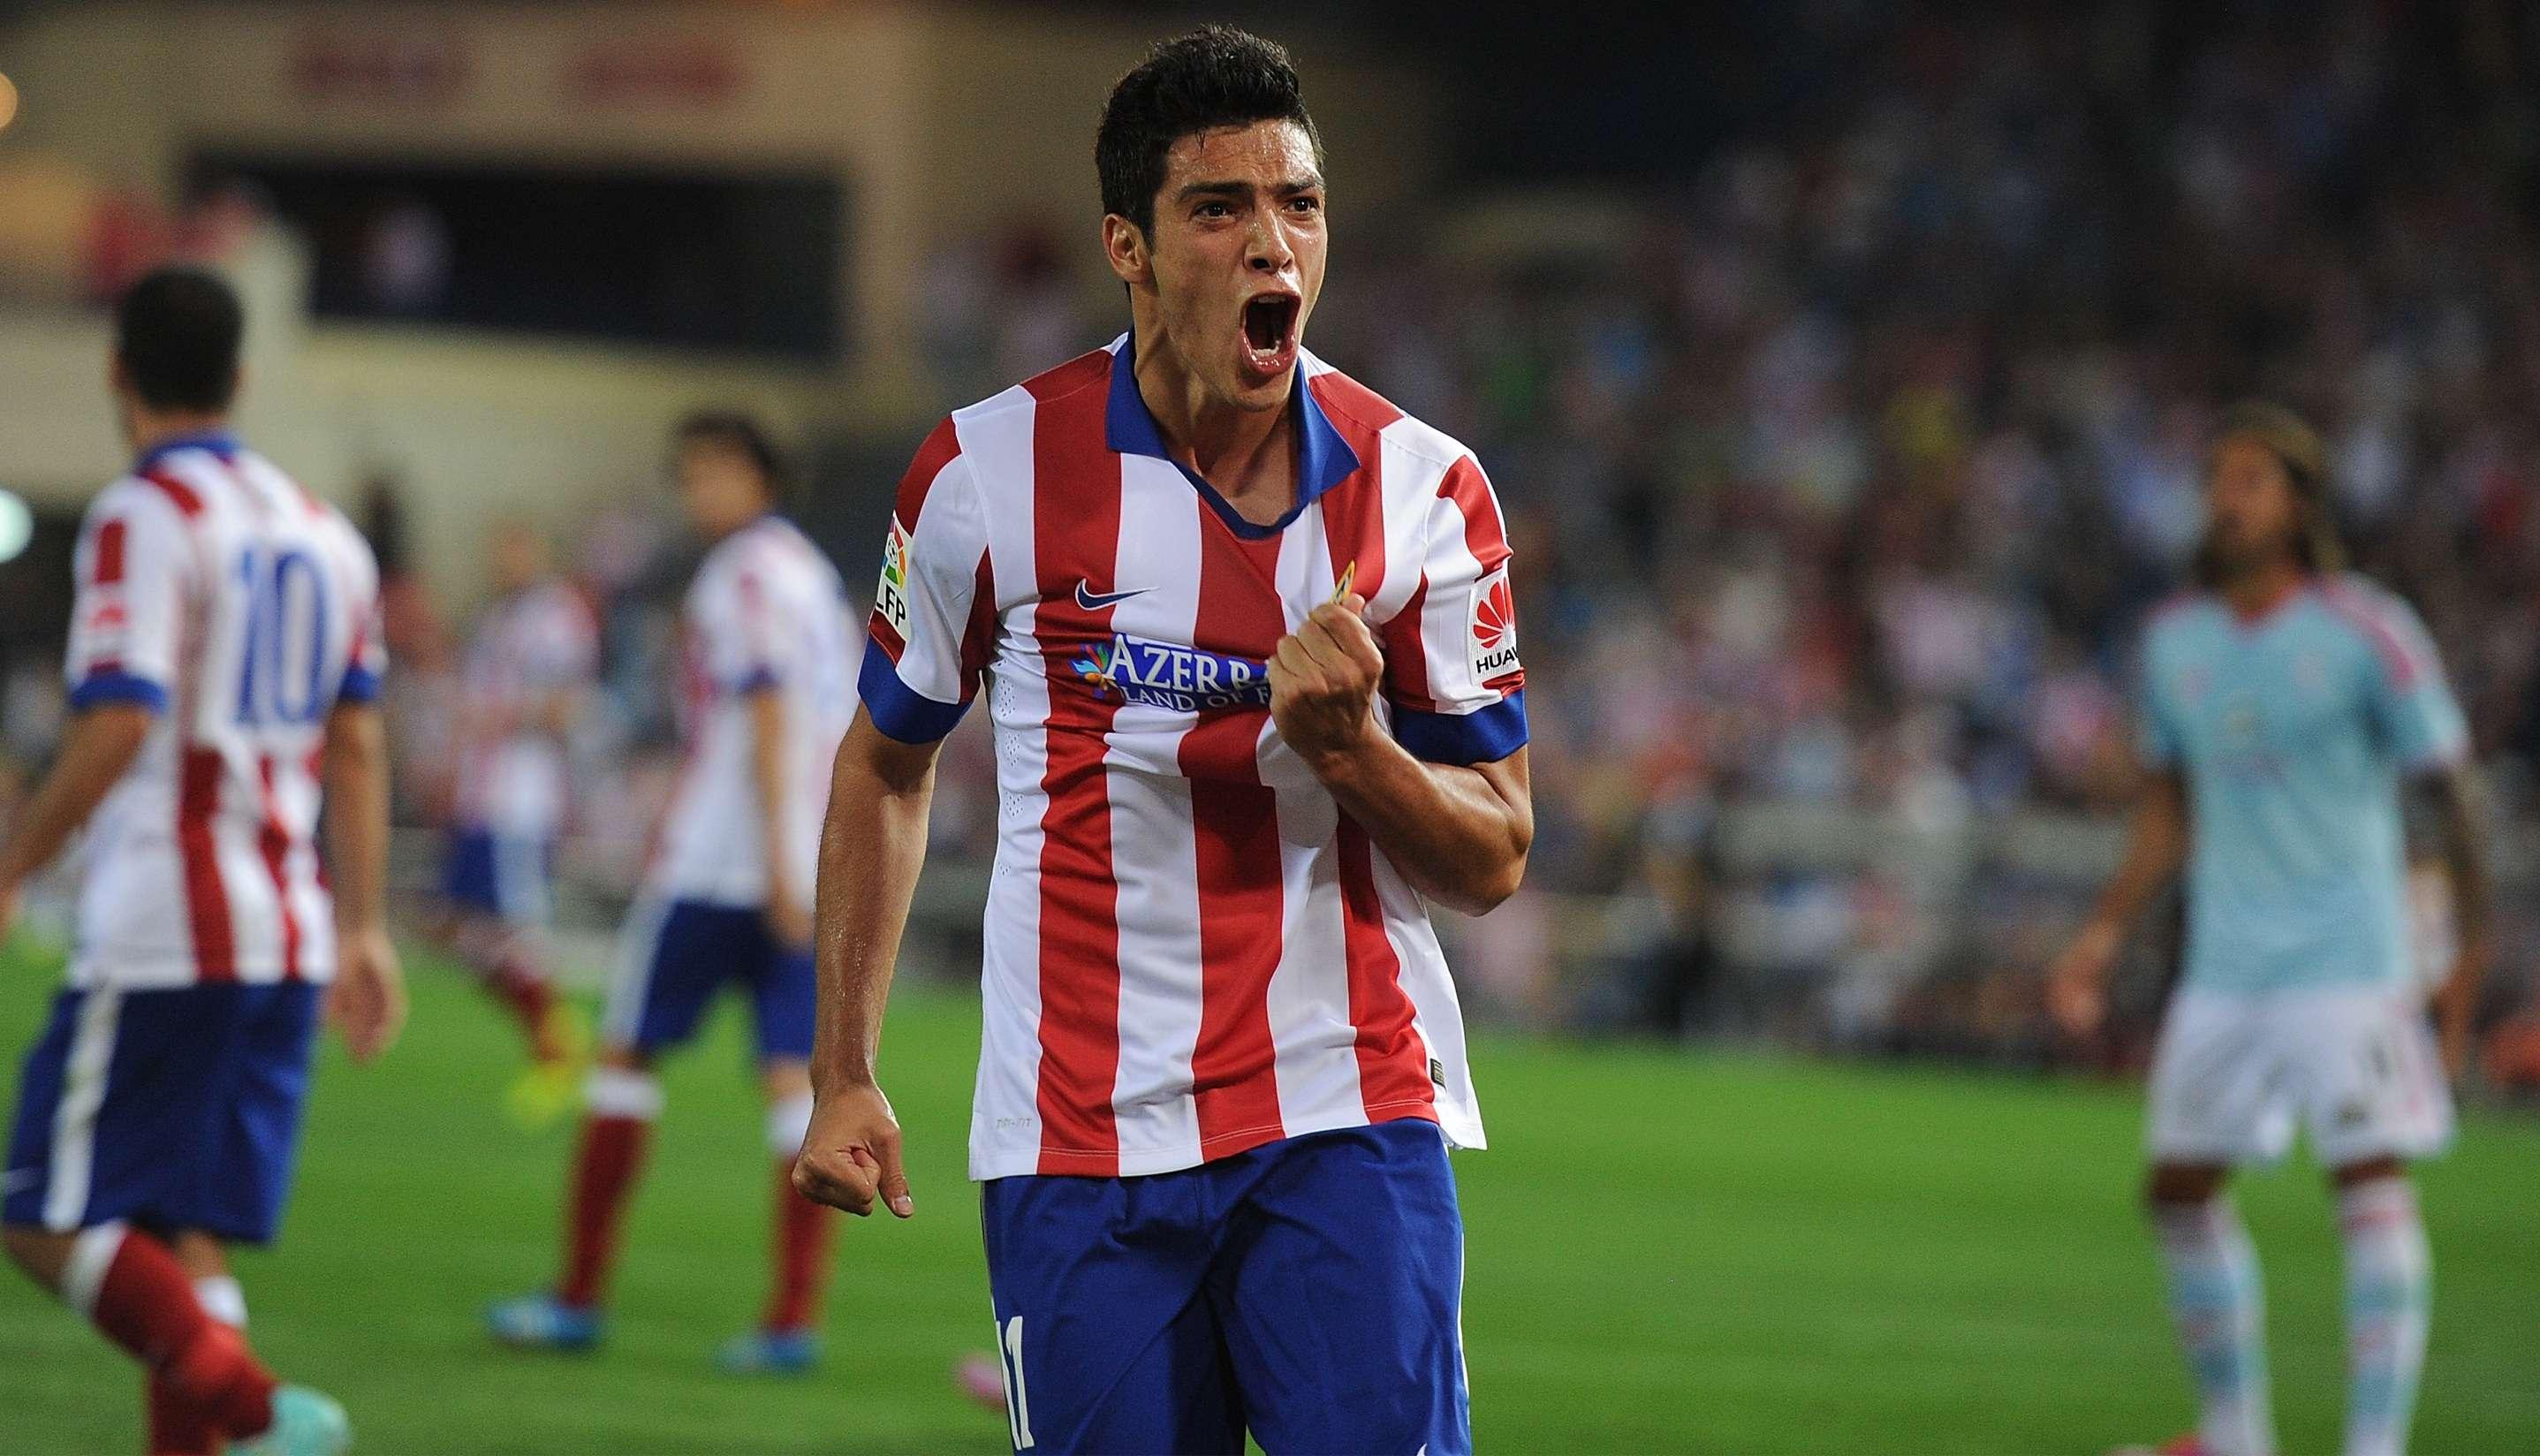 Raúl JIménez festeja un gol que le fue anulado en el empate del Atlético de Madrid ante Celta de Vigo. Foto: Getty Images